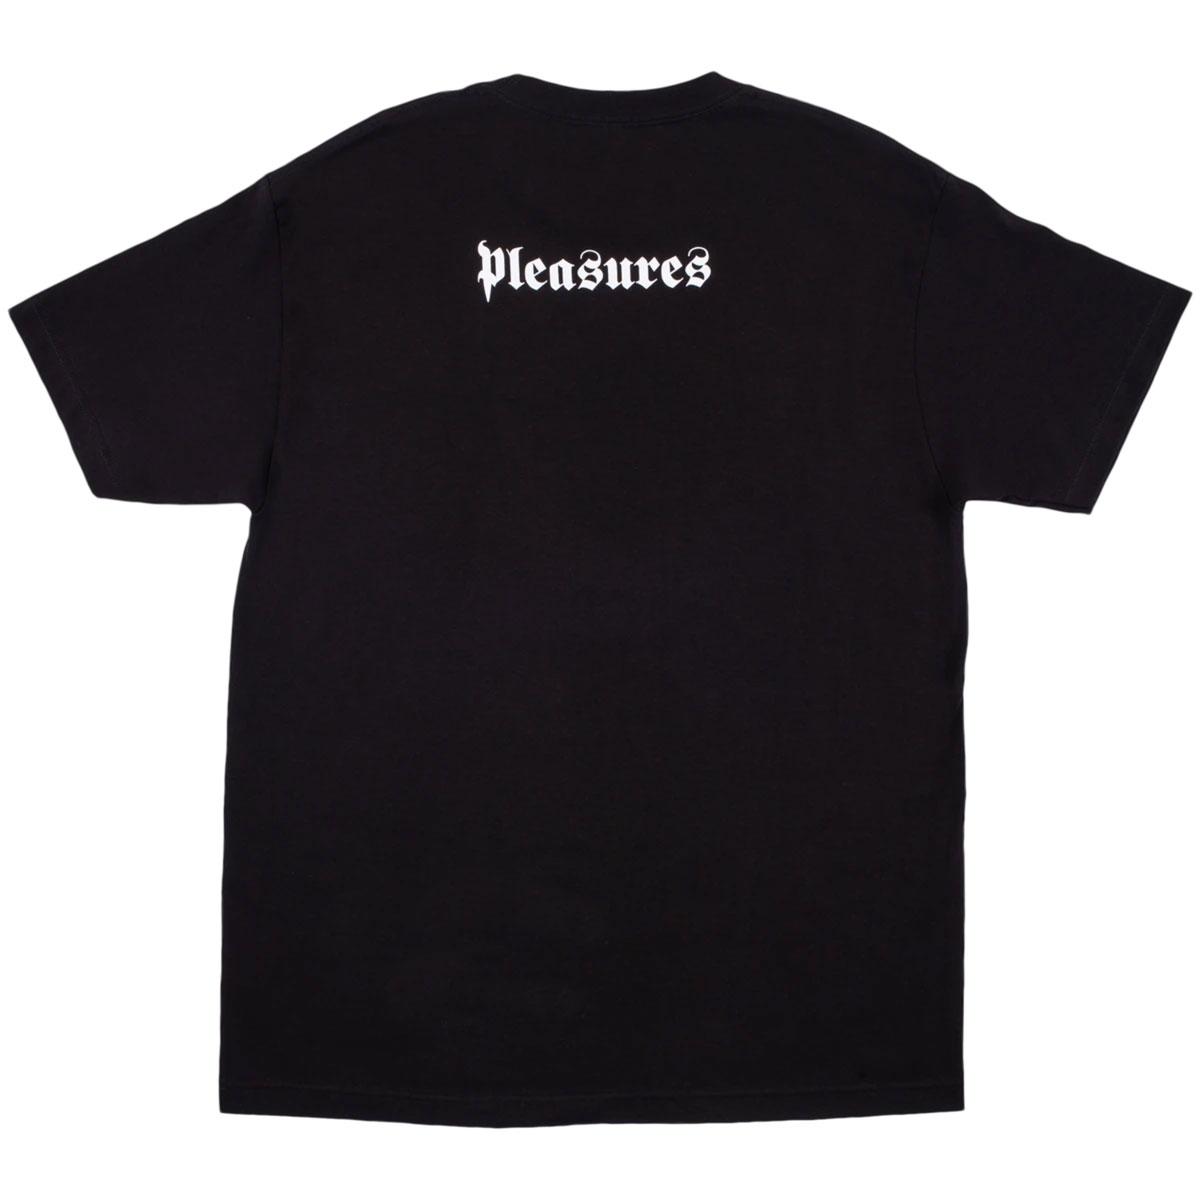 【PLEASURES/プレジャーズ×MARILYN MANSON/マリリン・マンソン】FINGERS T-SHIRT Tシャツ / BLACK